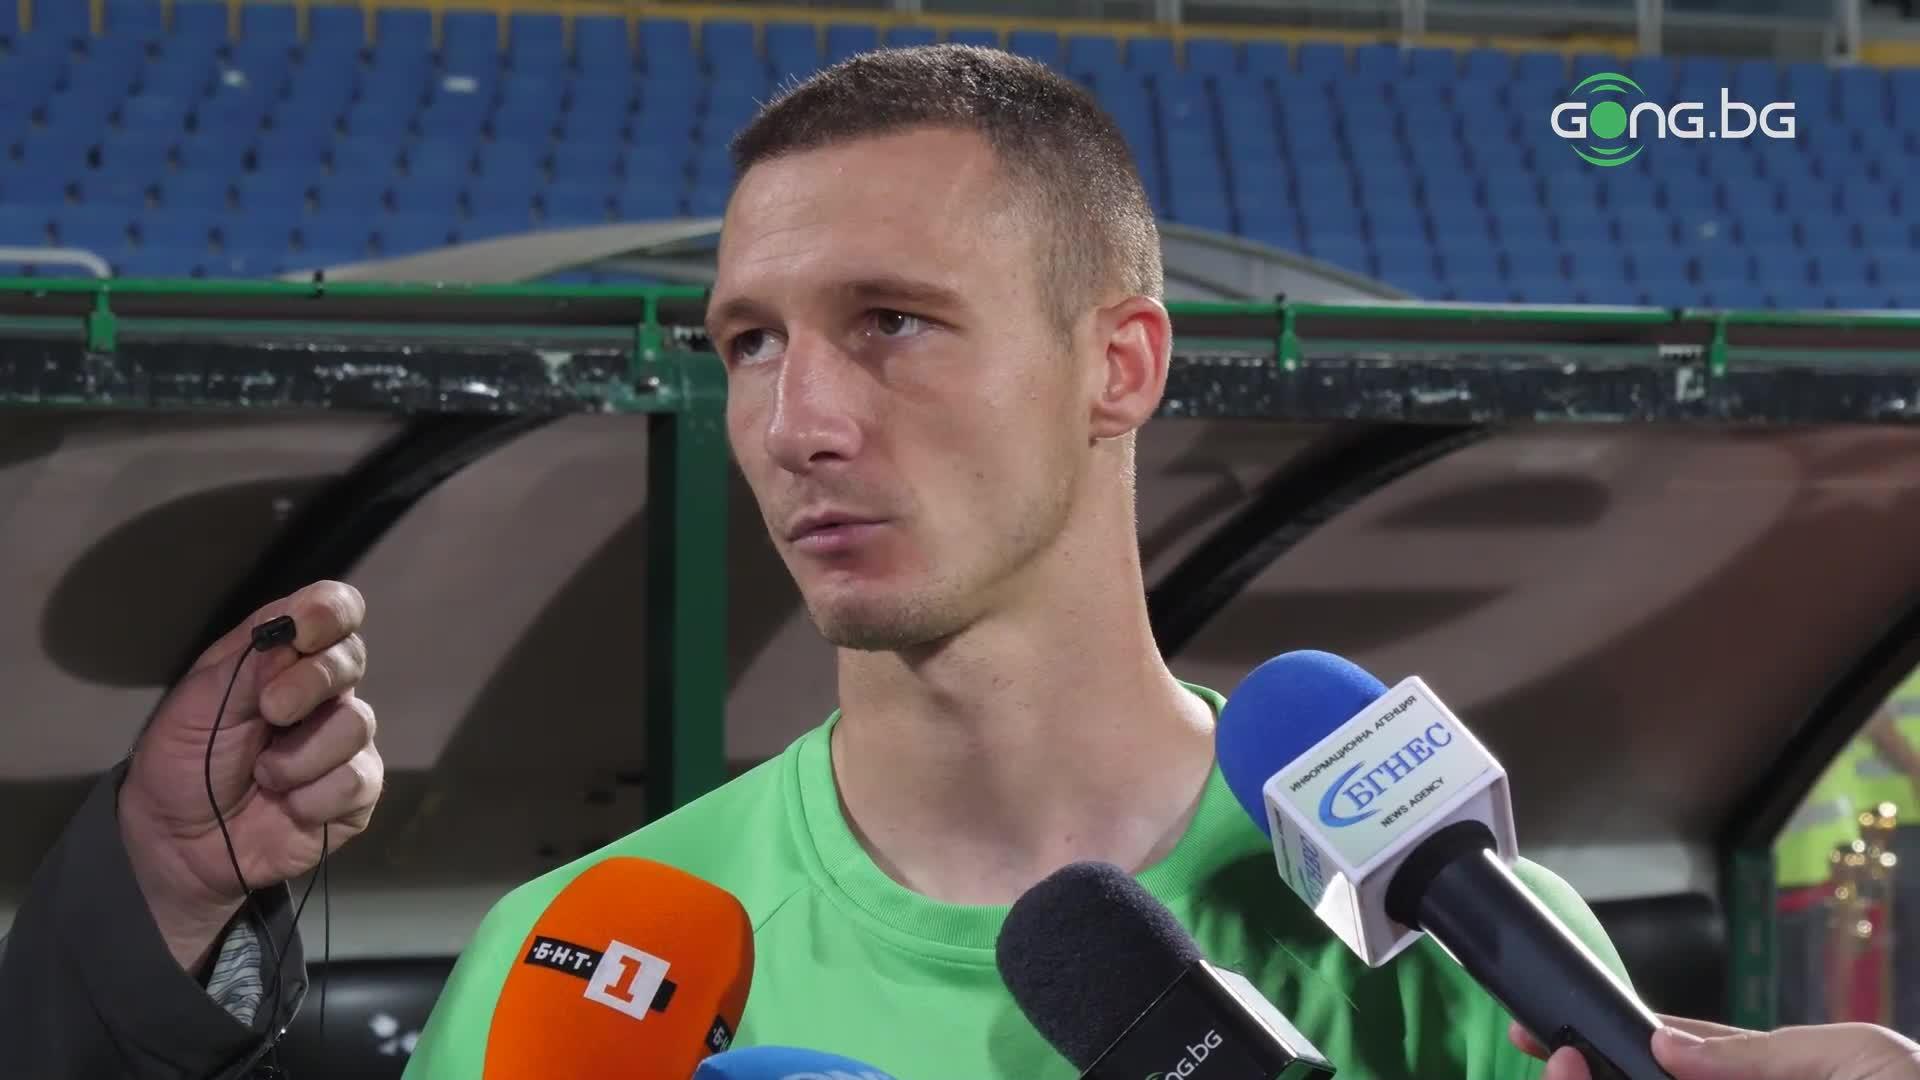 Недялков: Надявам се да отида да поиграя скоро някъде другаде